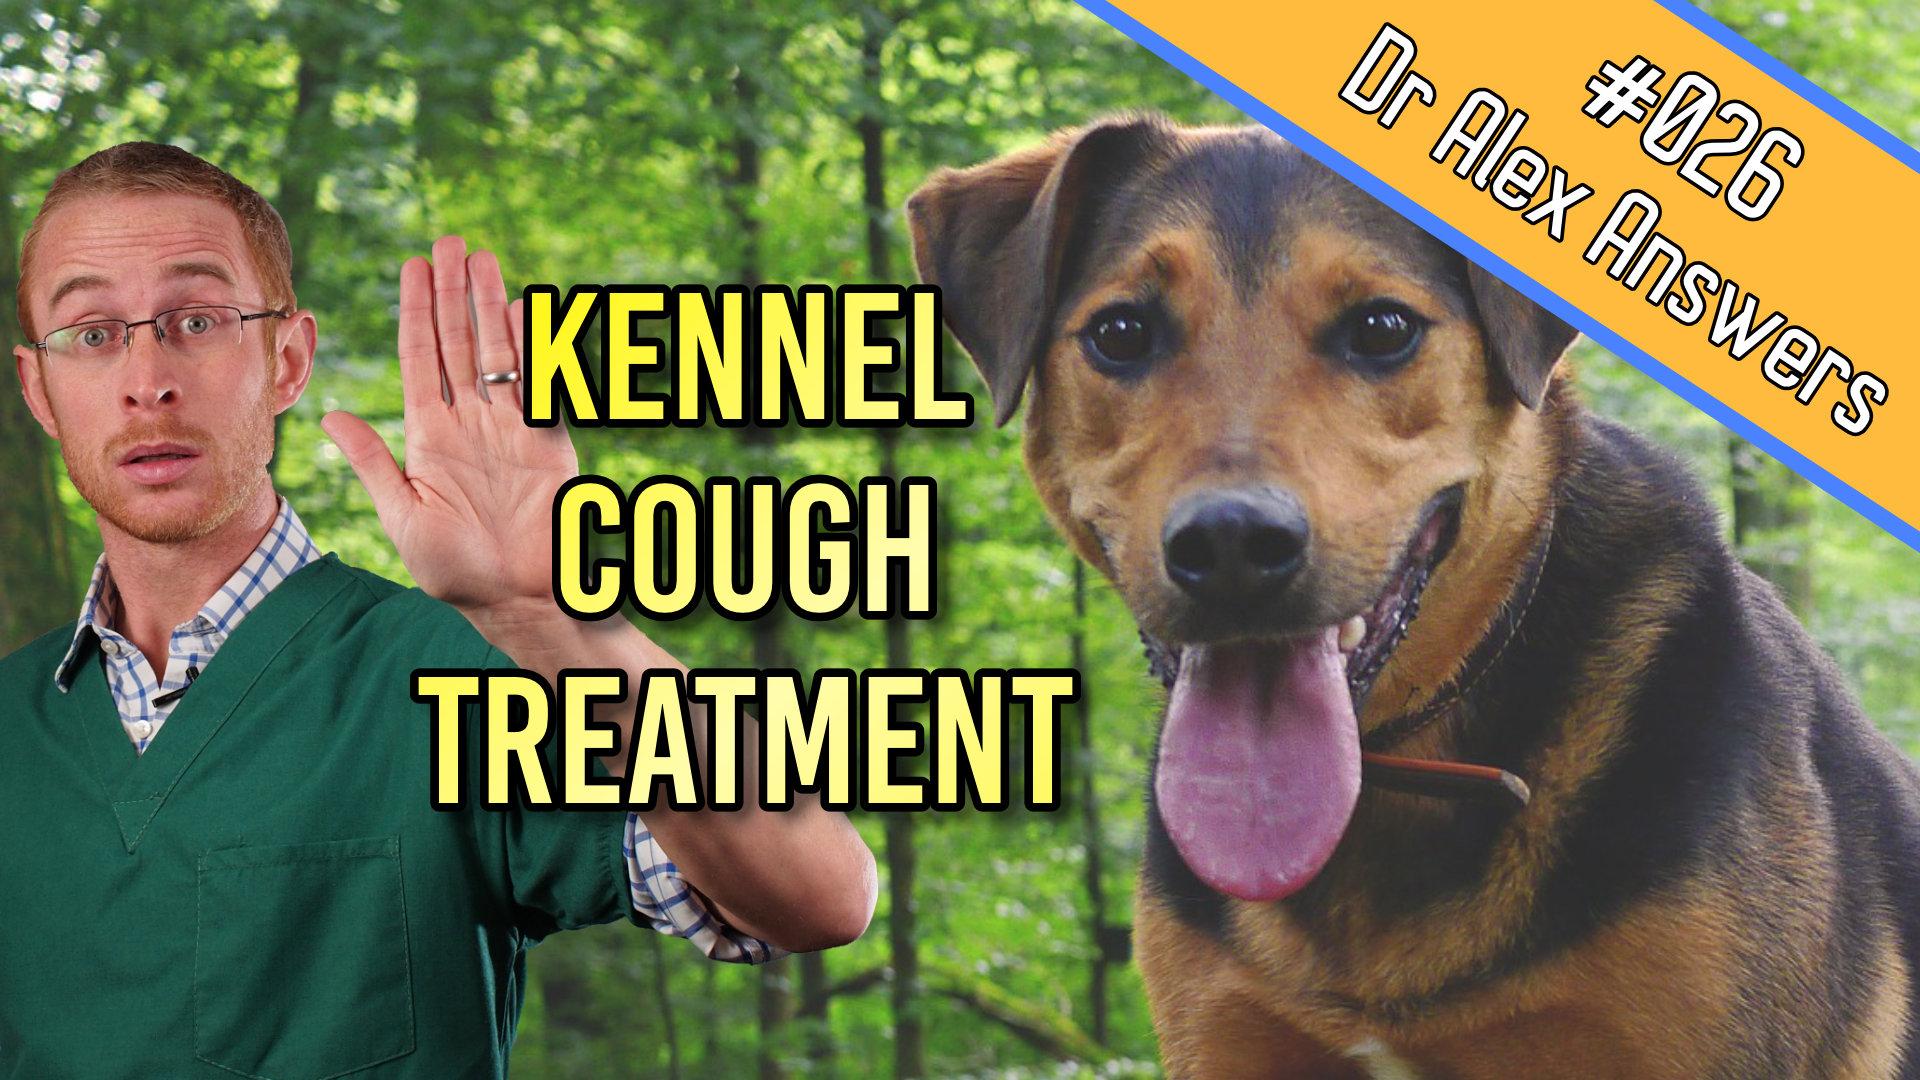 DAA kennel cough treatment.jpg